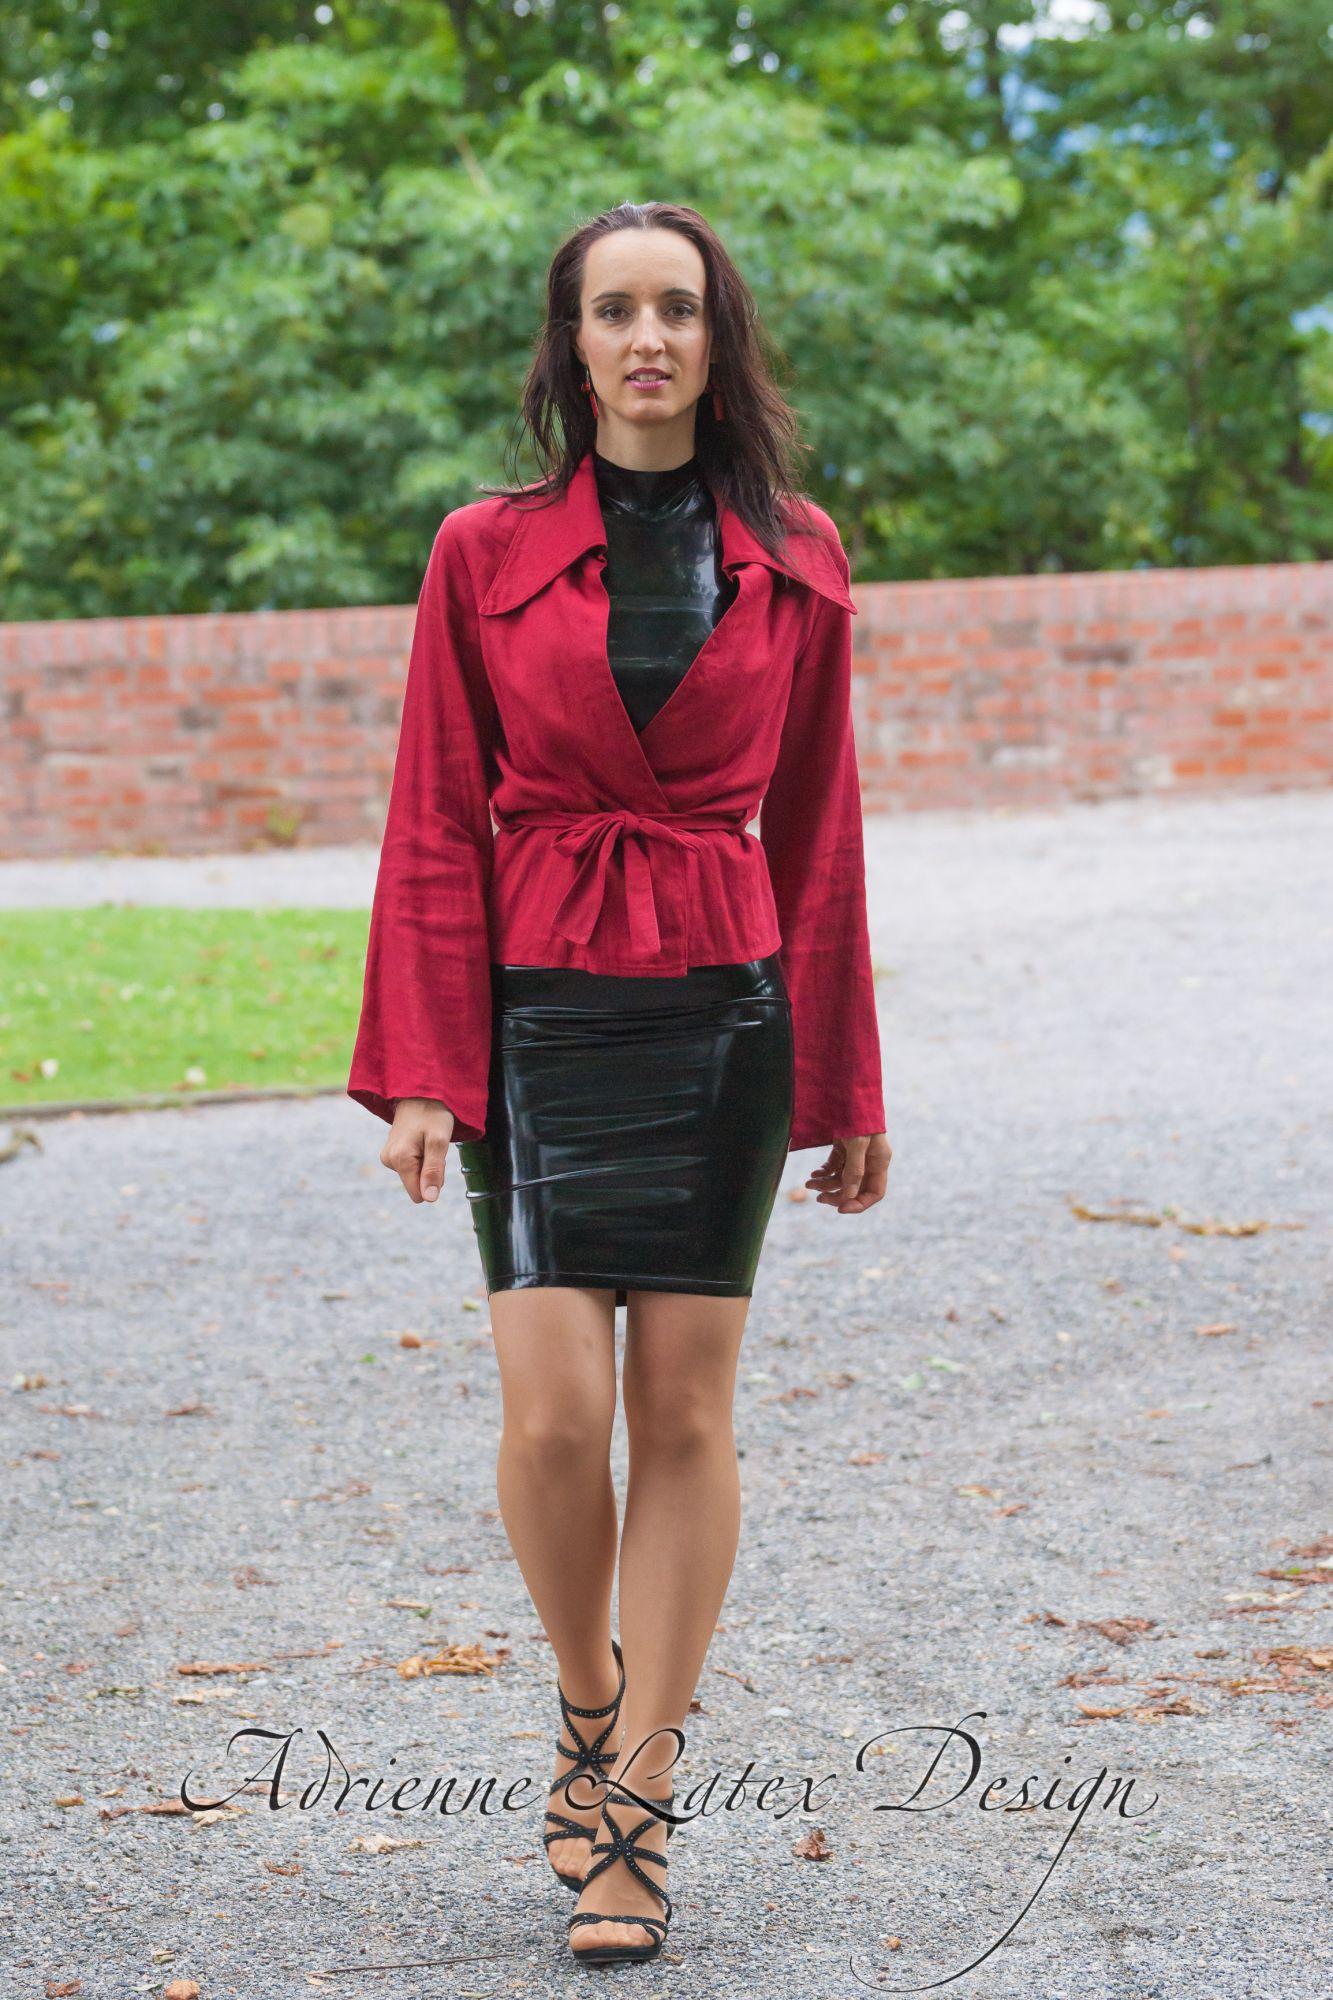 Gal2  Adrienne Latex Design  custom made fetish fashion